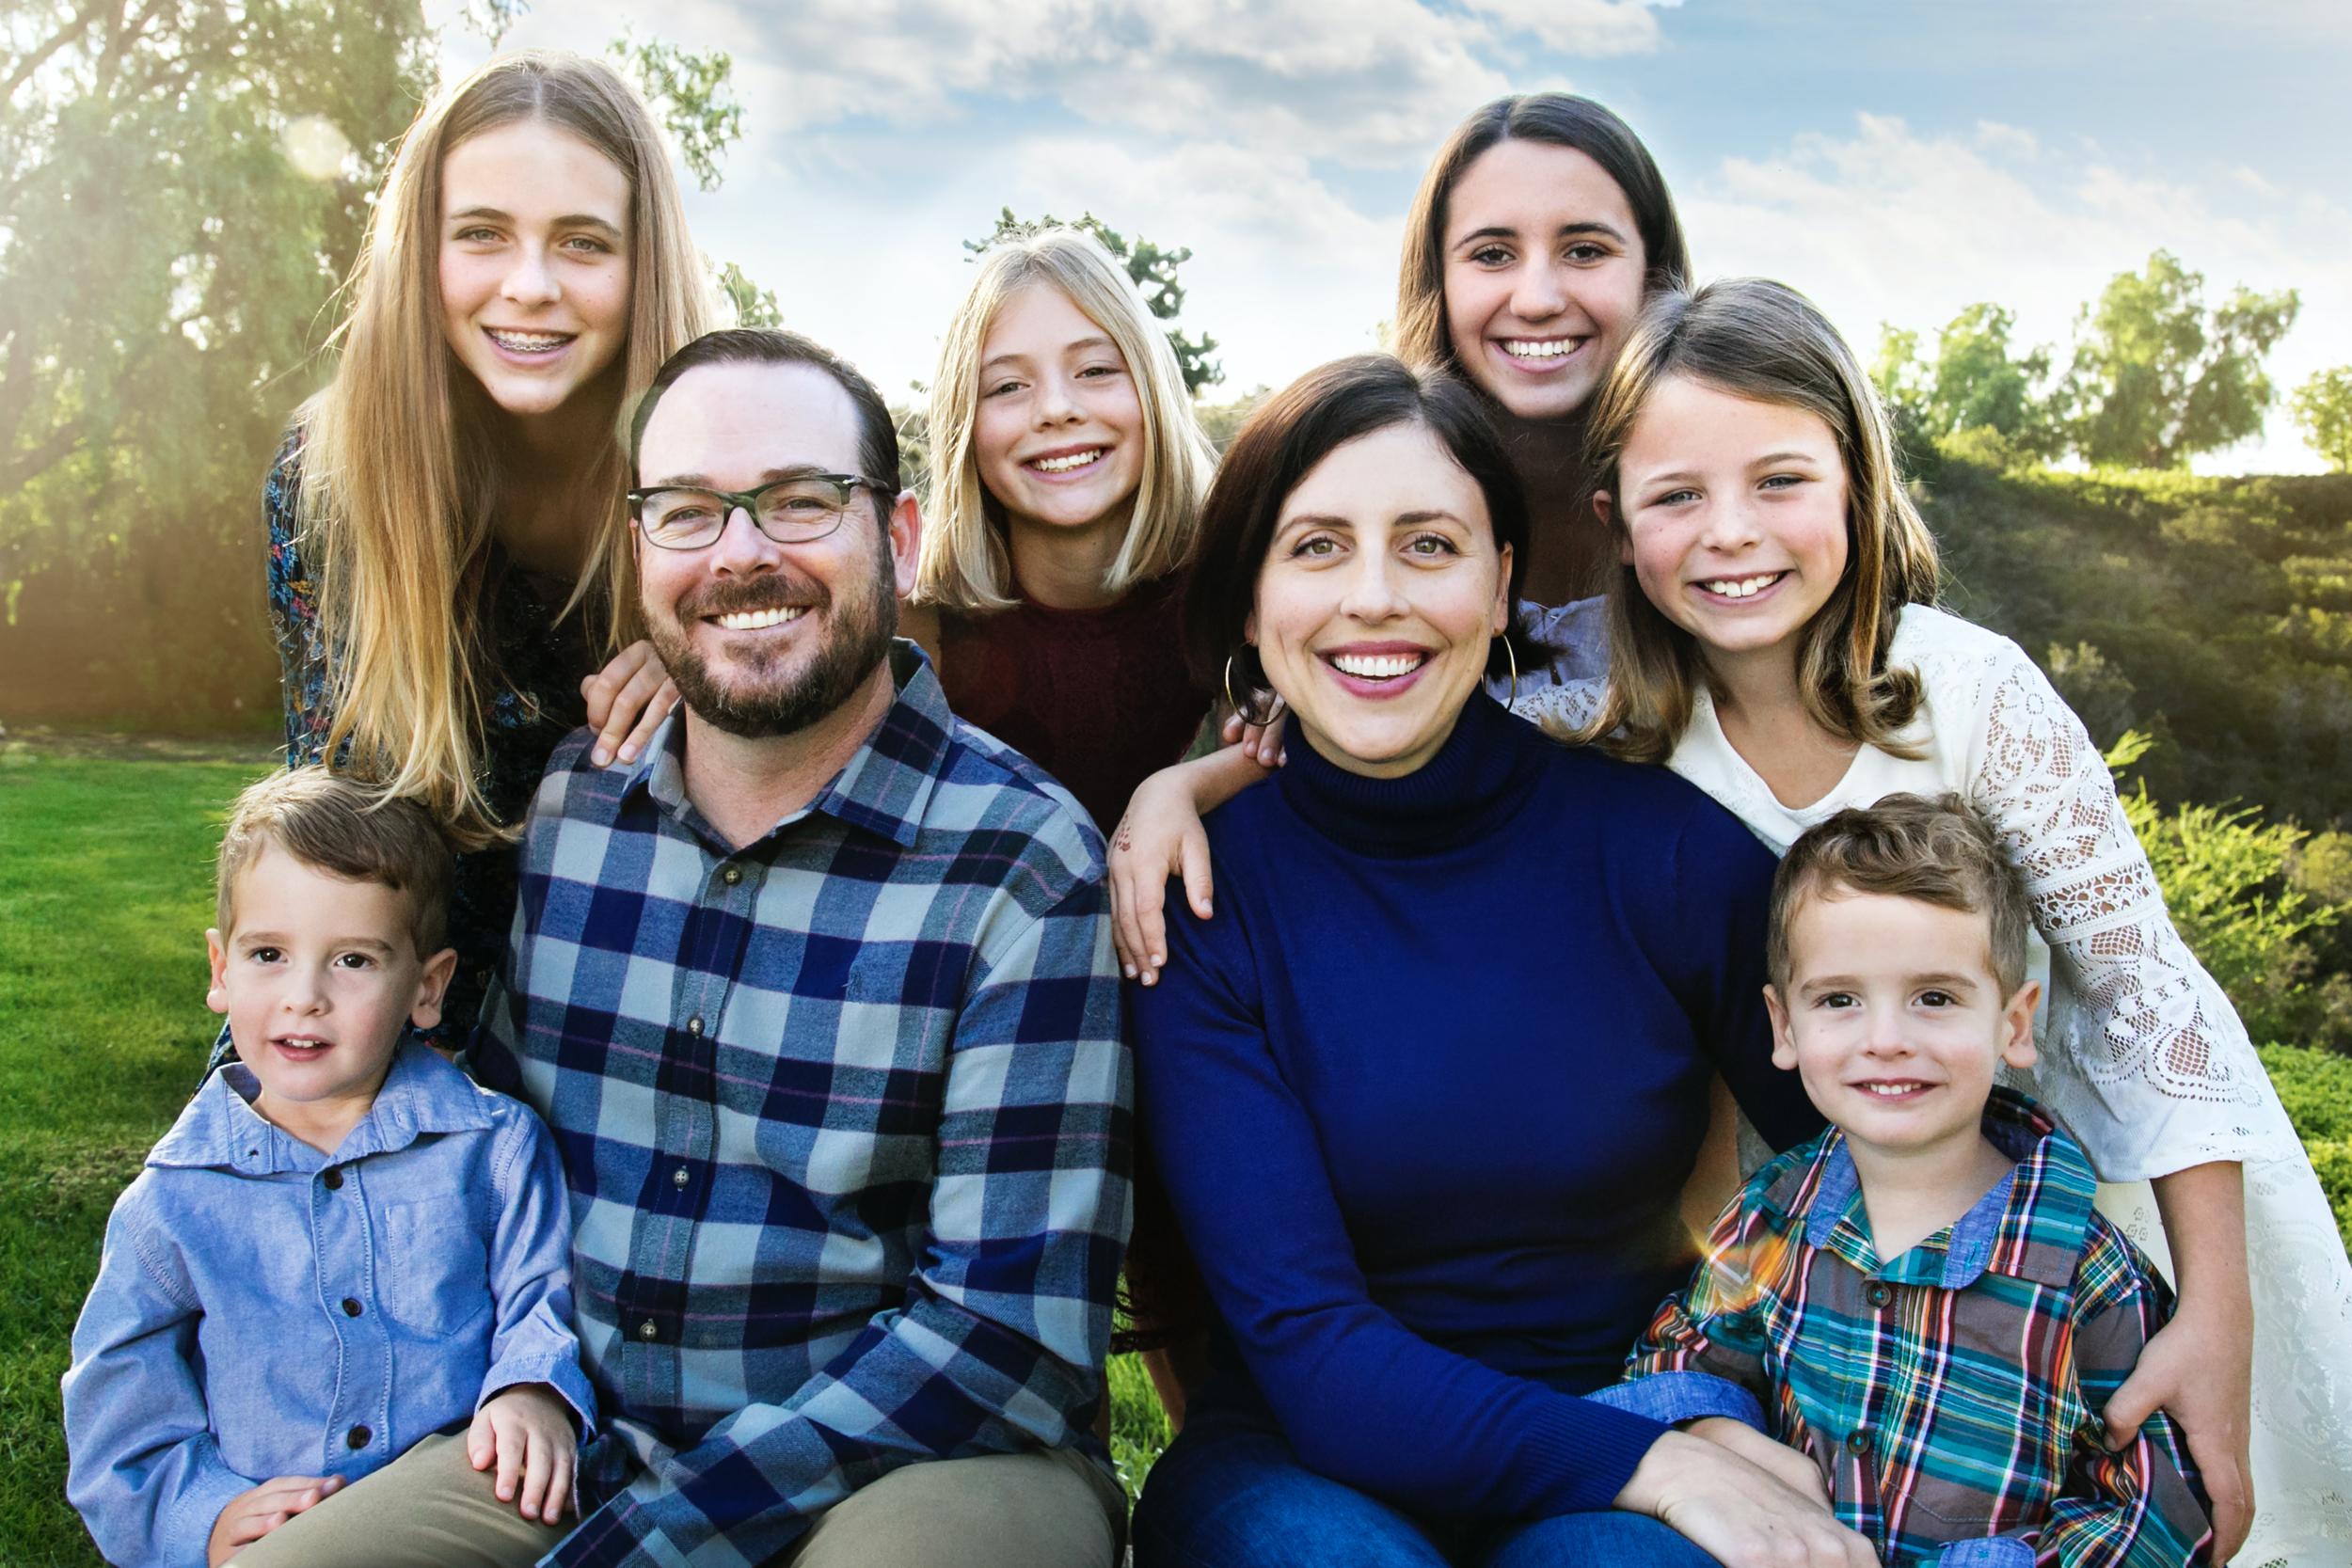 McCRARRY FAMILY